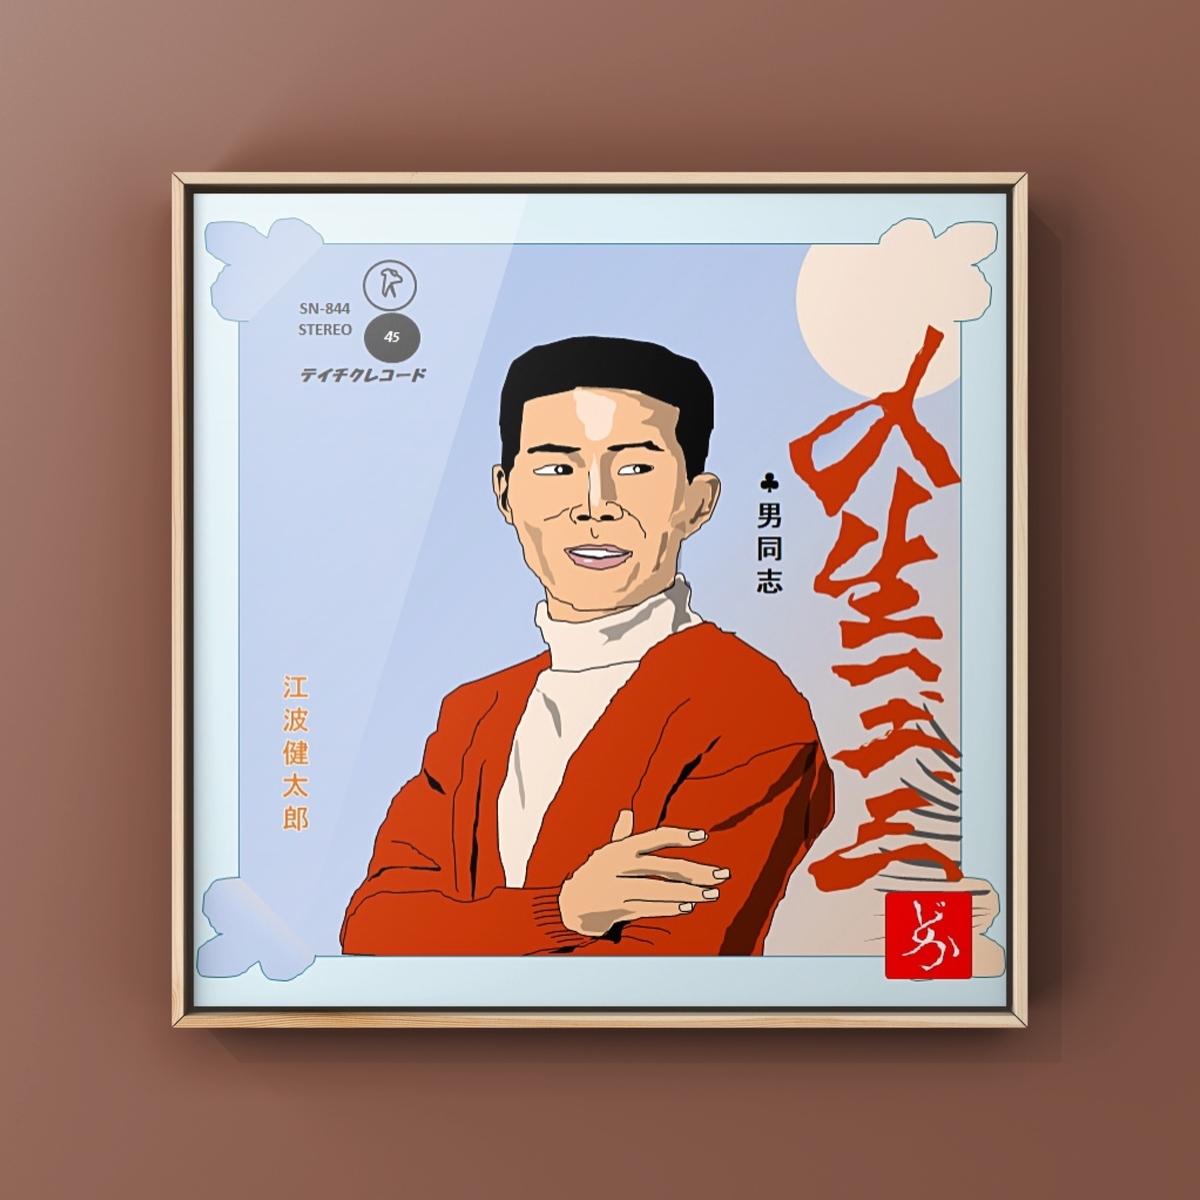 中野の居酒屋「番屋」の大将のデビューシングル「人生一、二、三」のエクセル画イラスト額装版